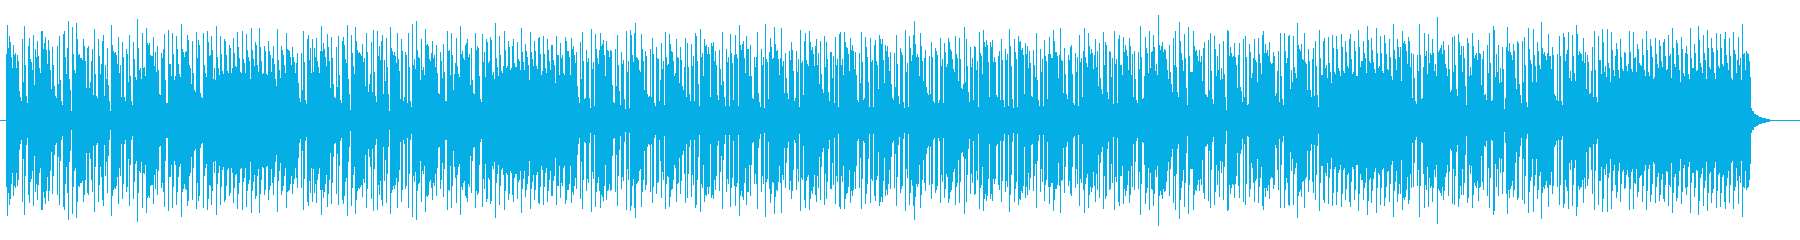 メロディアスでスローなミディアムサウンドの再生済みの波形